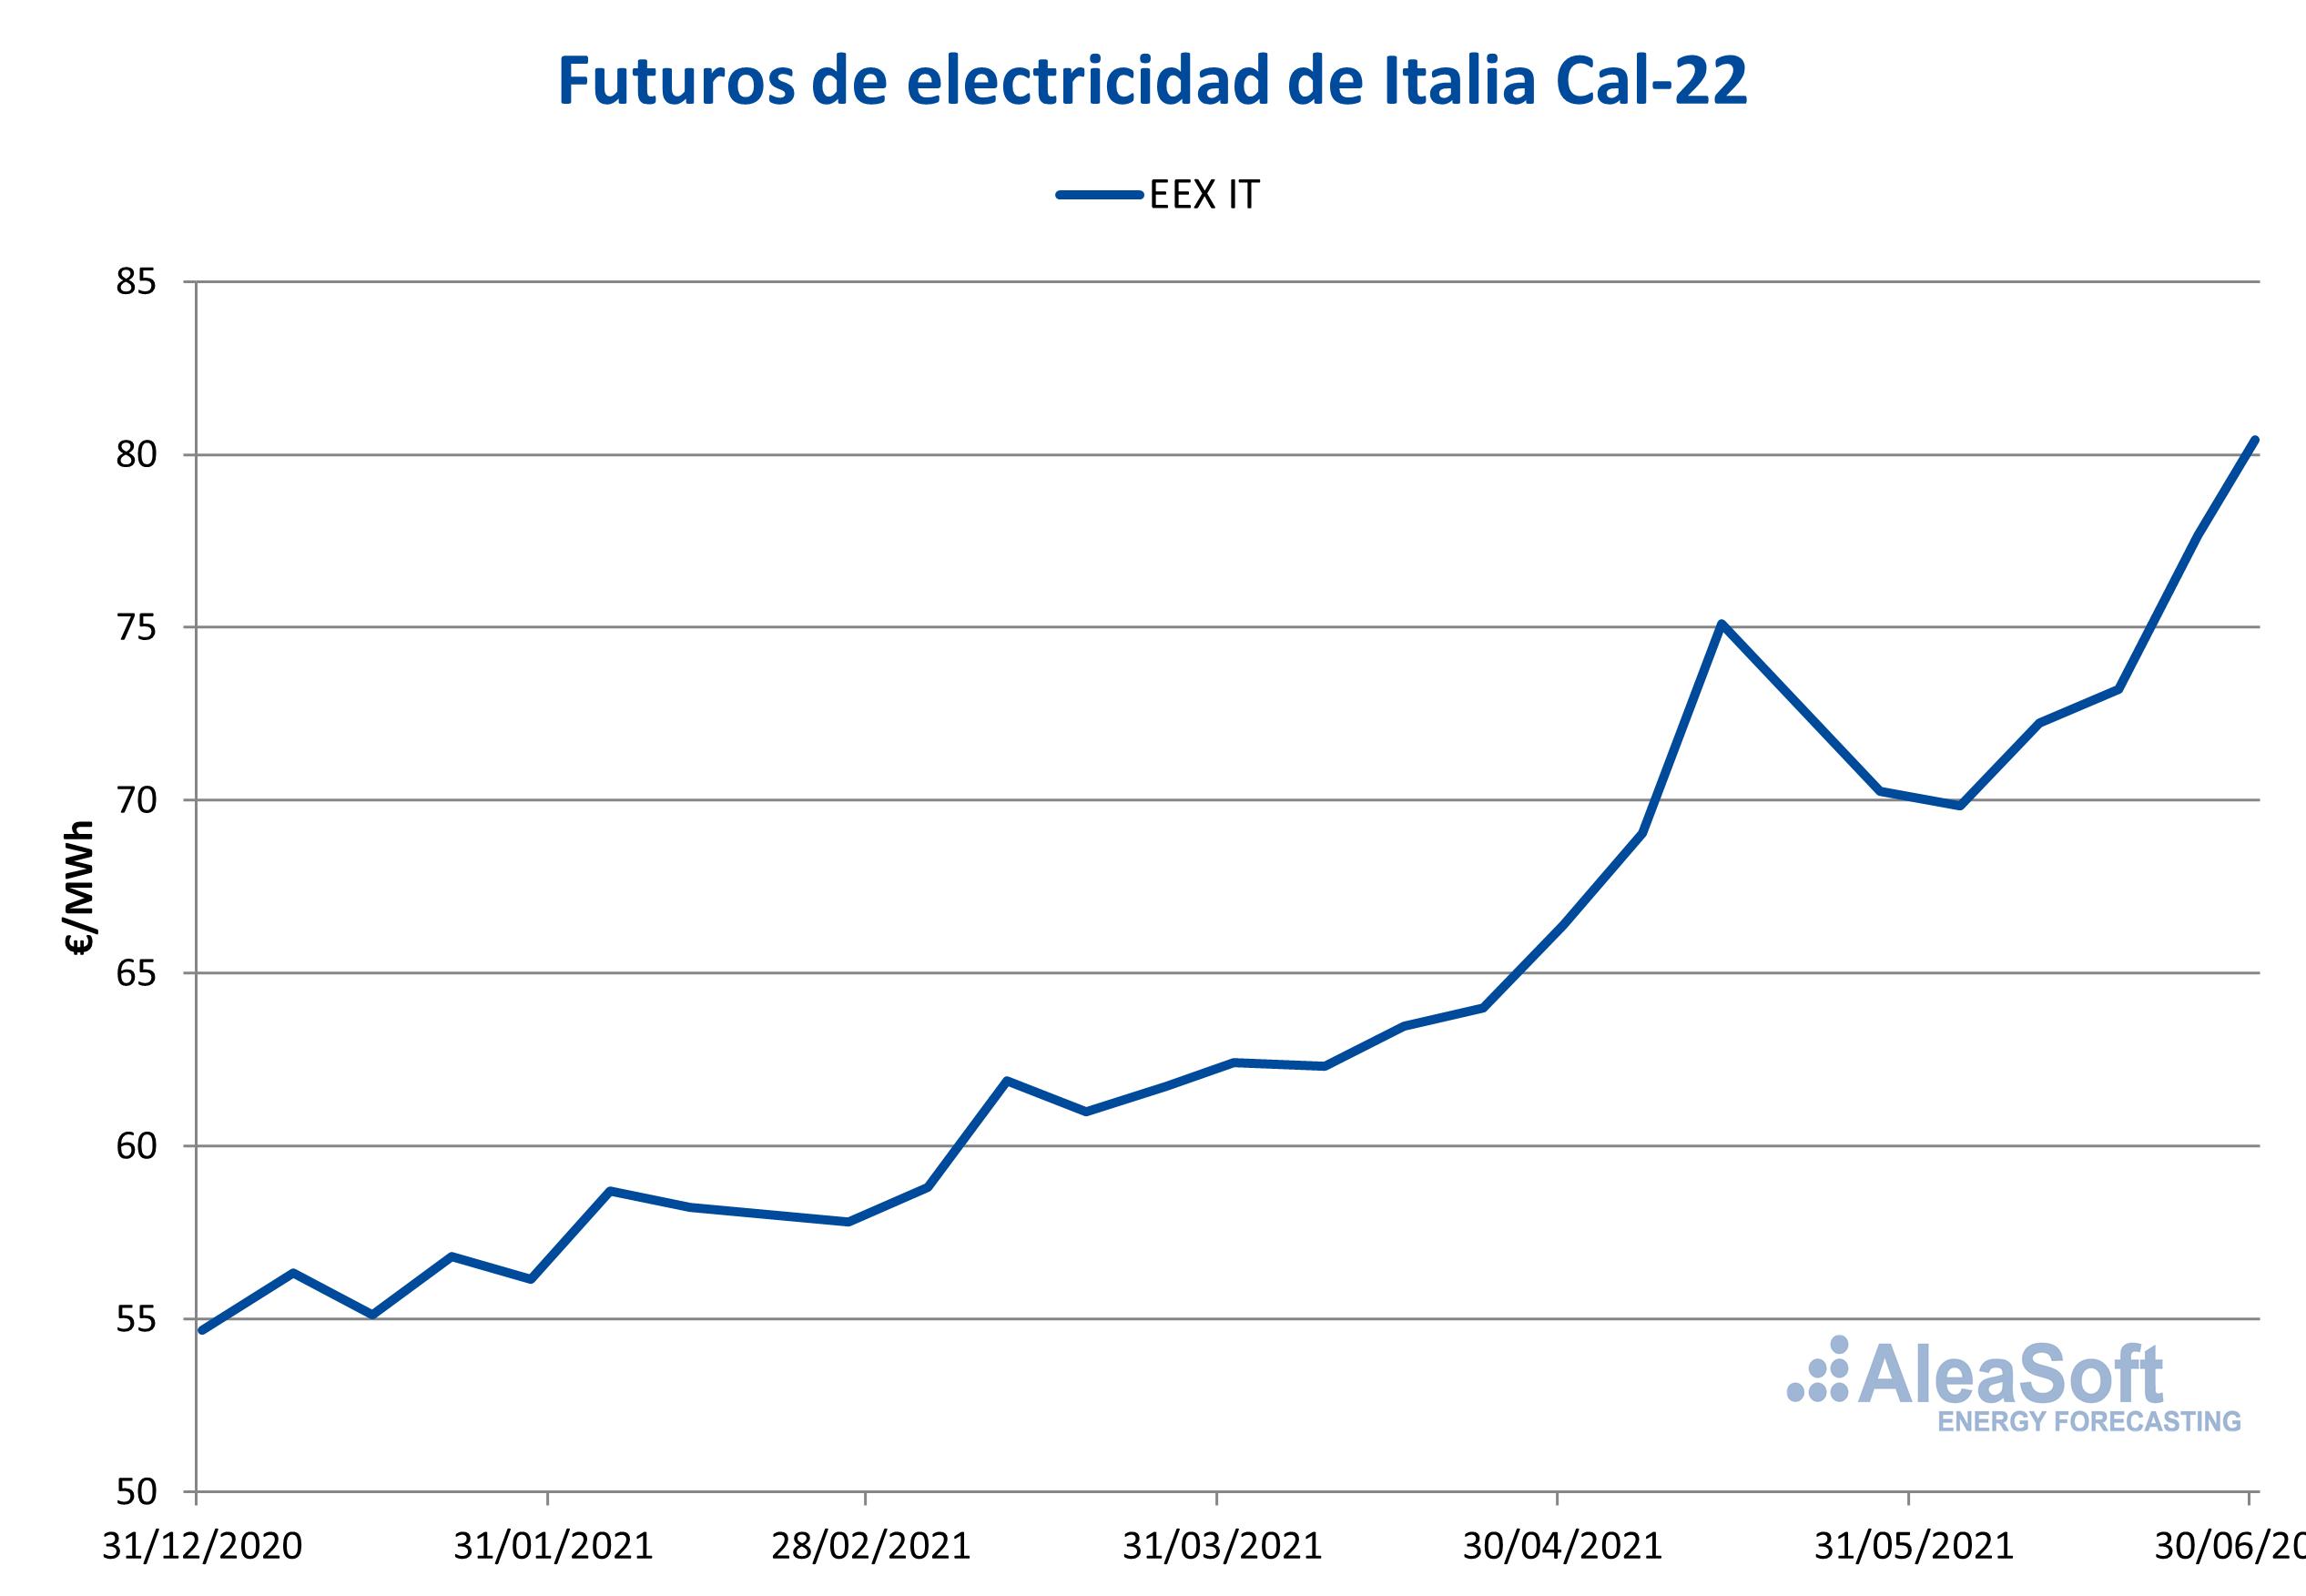 AleaSoft - futuros electricidad italia cal 22